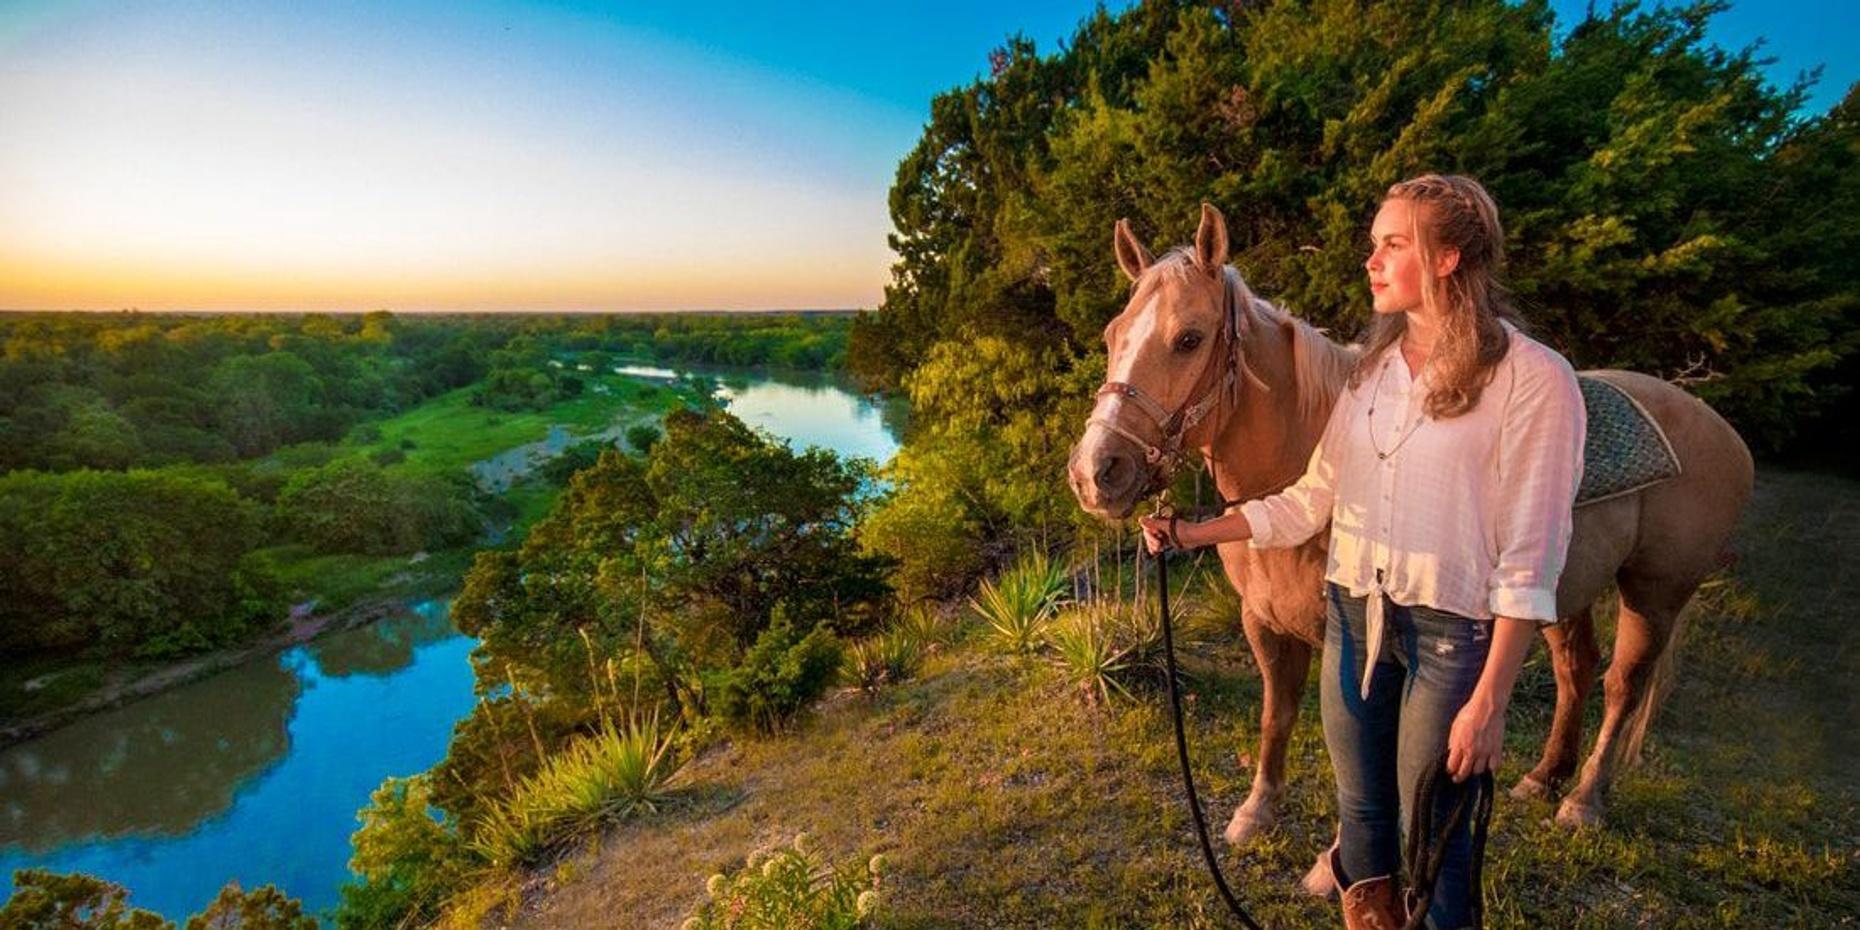 1-Hour Horseback Trail Ride in Elm Mott